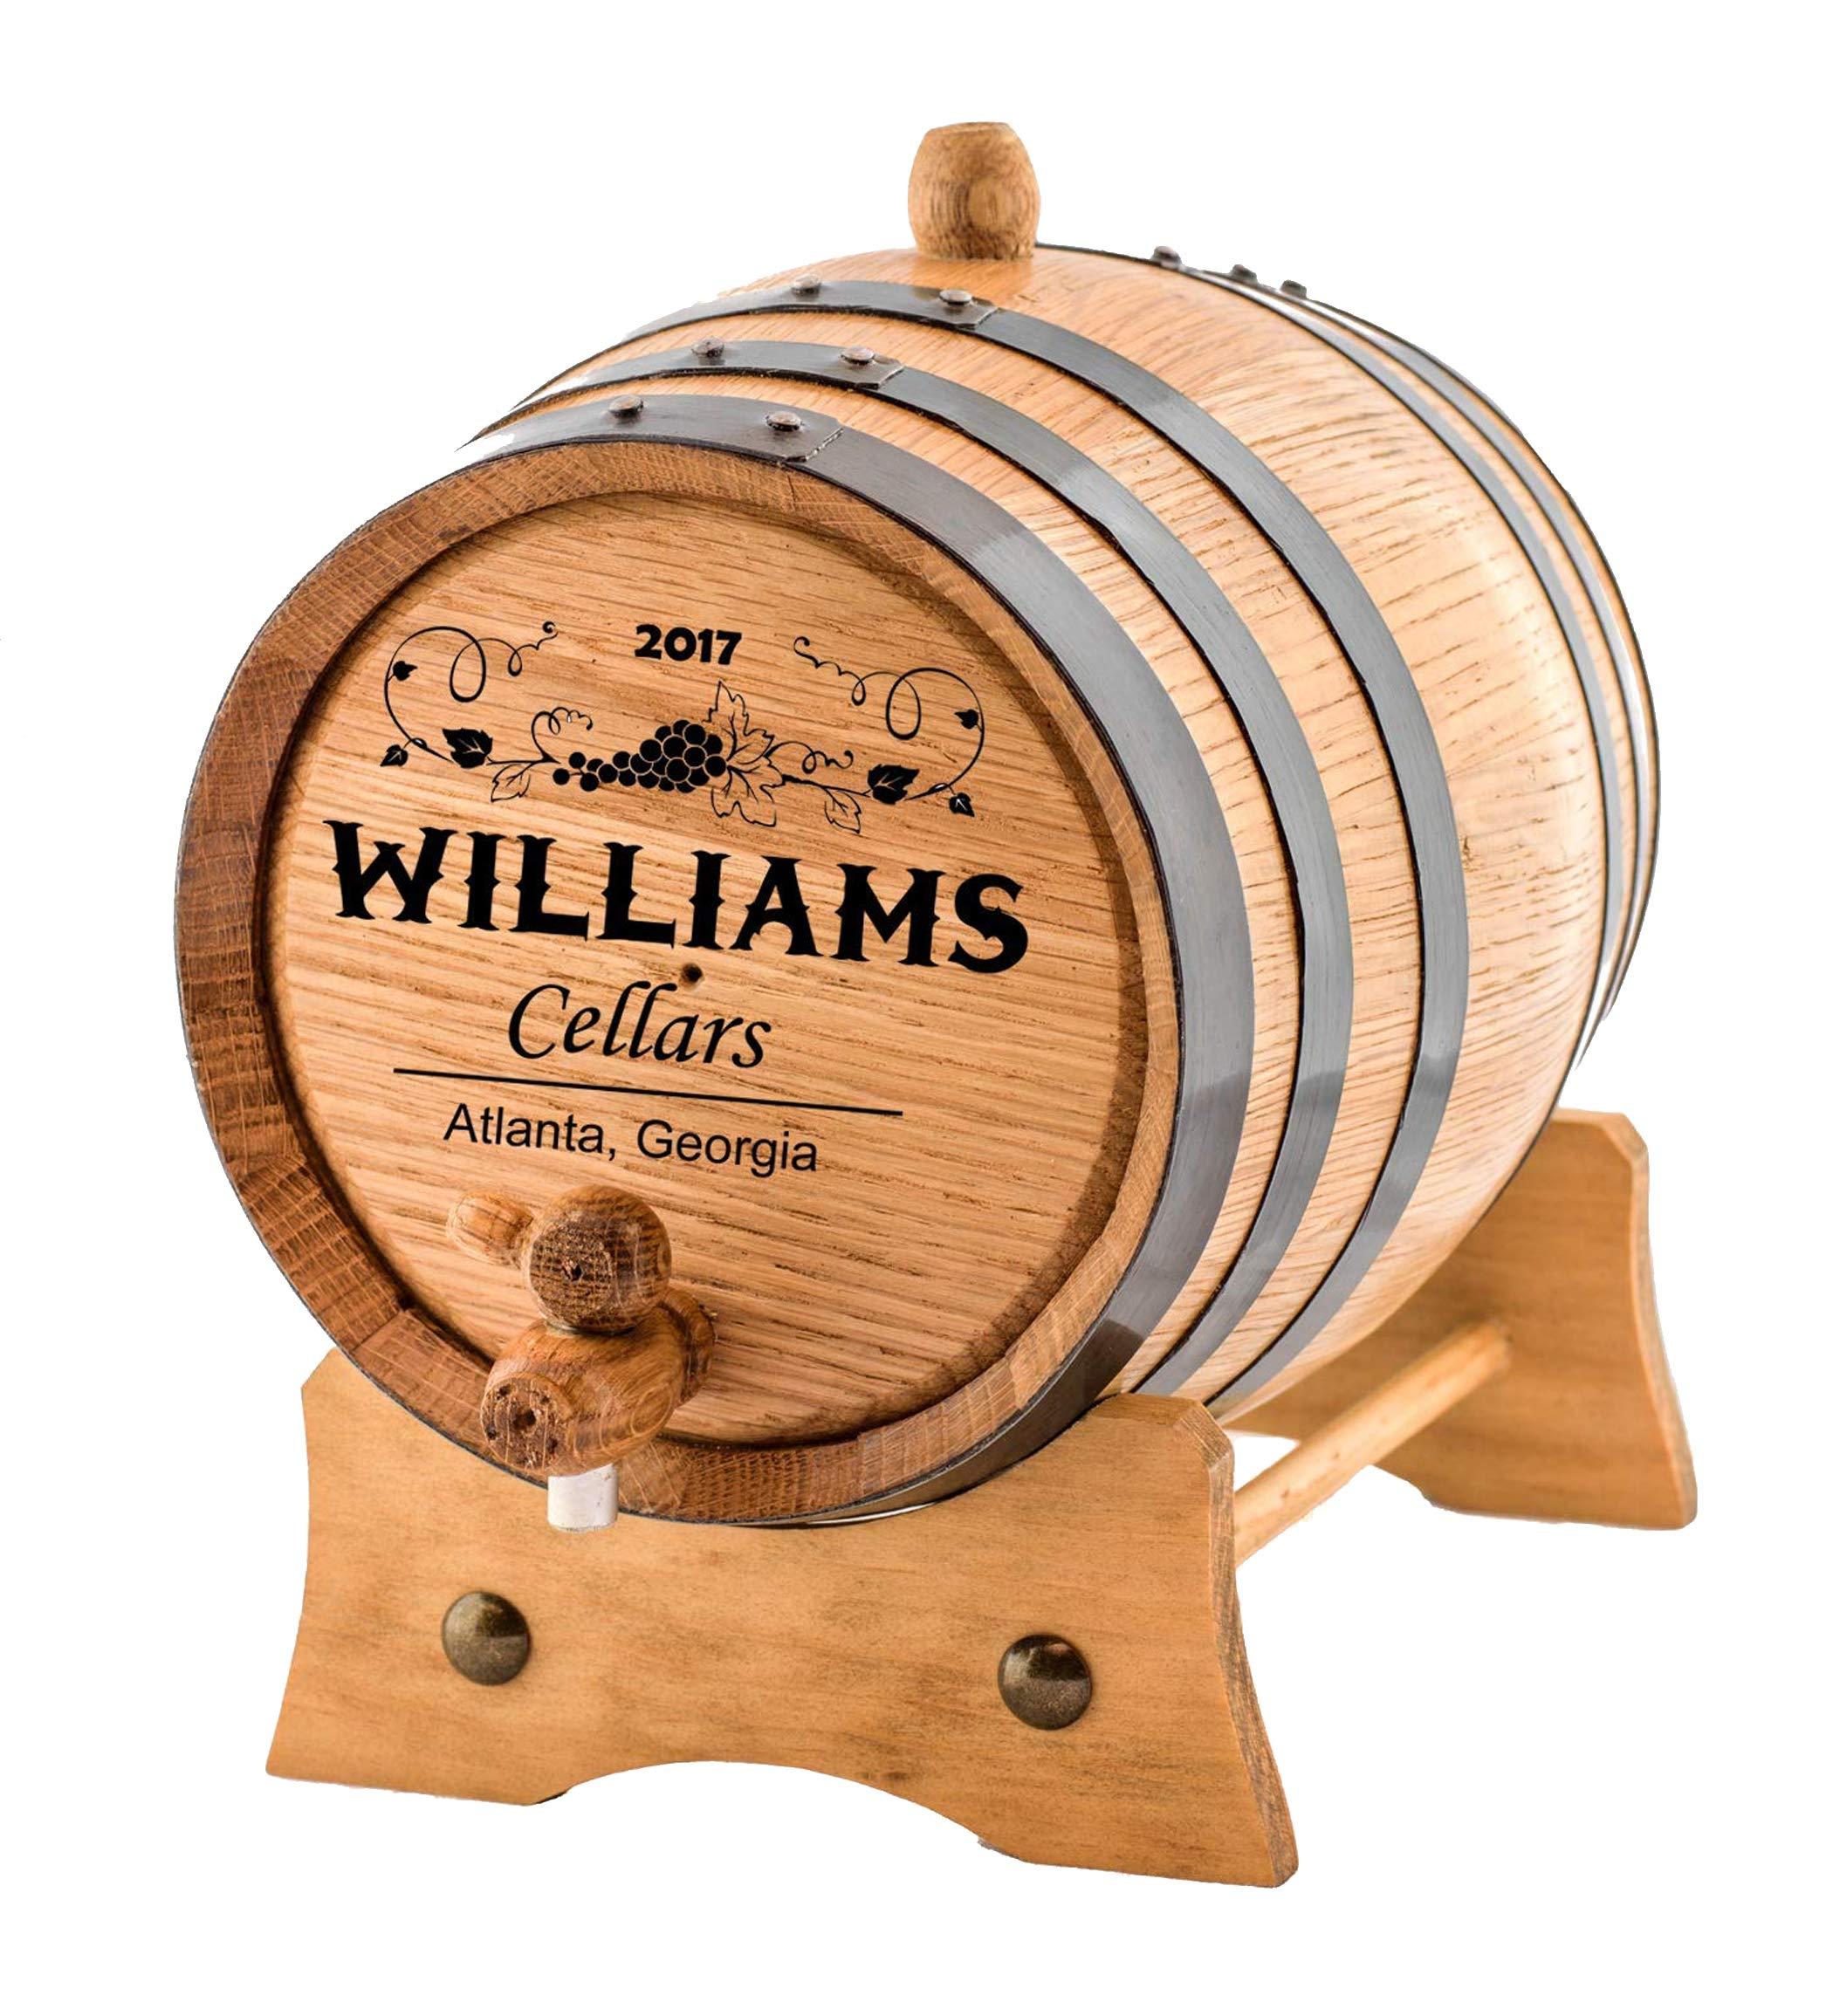 Personalized - Custom Wine Oak Aging Barrel - Barrel Aged (10 Liters) by Sofia's Findings